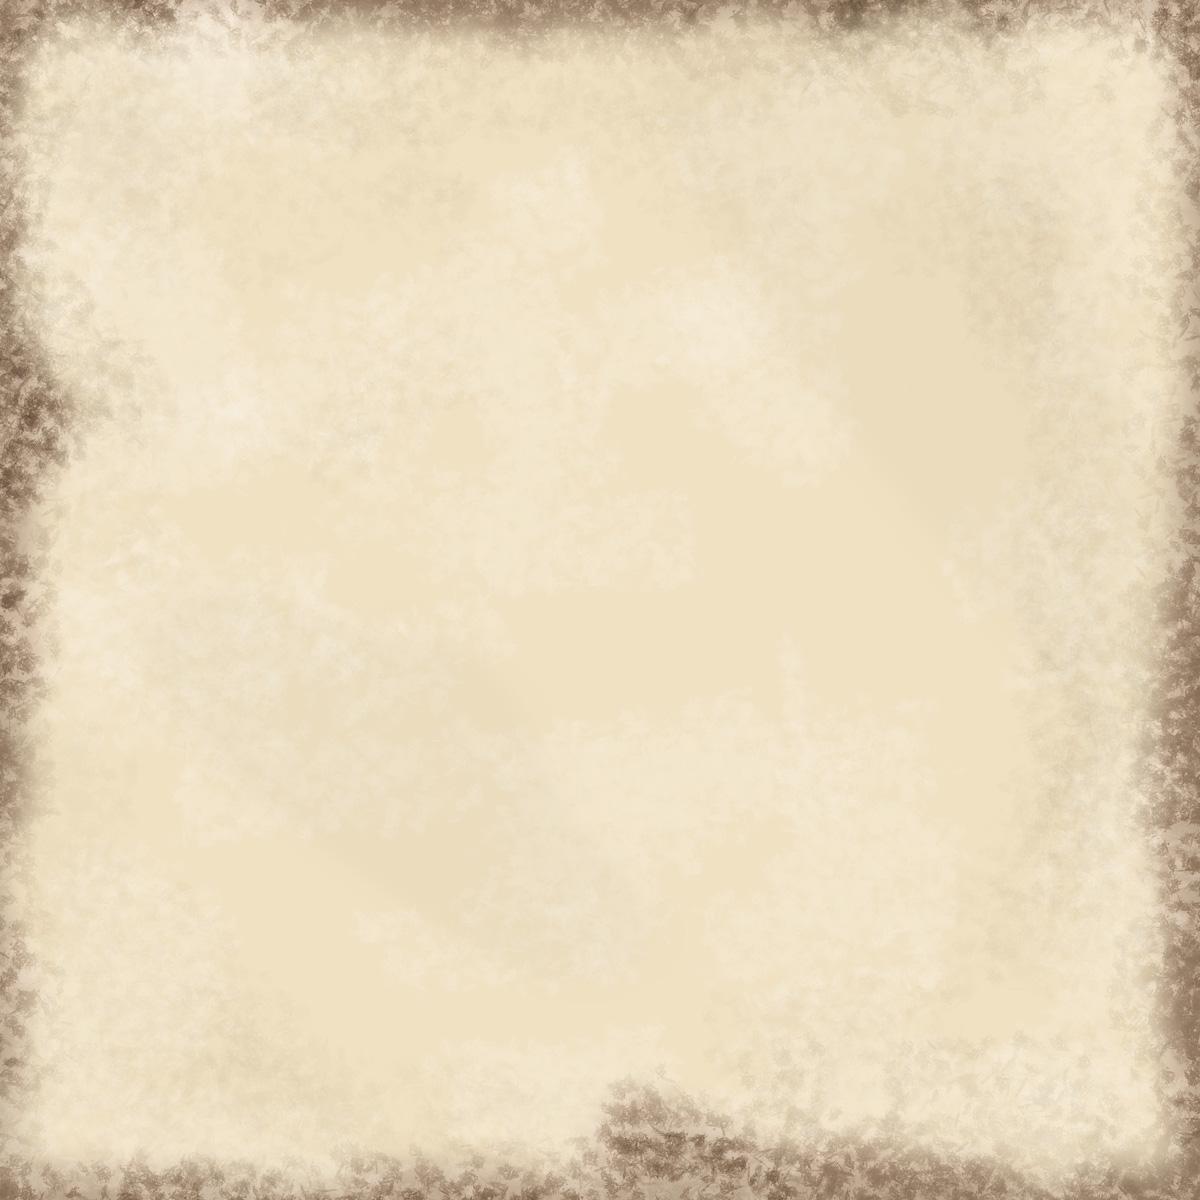 http://1.bp.blogspot.com/-SoakNPl0qxo/TqL1QQ2jn6I/AAAAAAAABBA/TODqZncLvtc/s1600/AGED+CREAM+PAPER+4X4.jpg